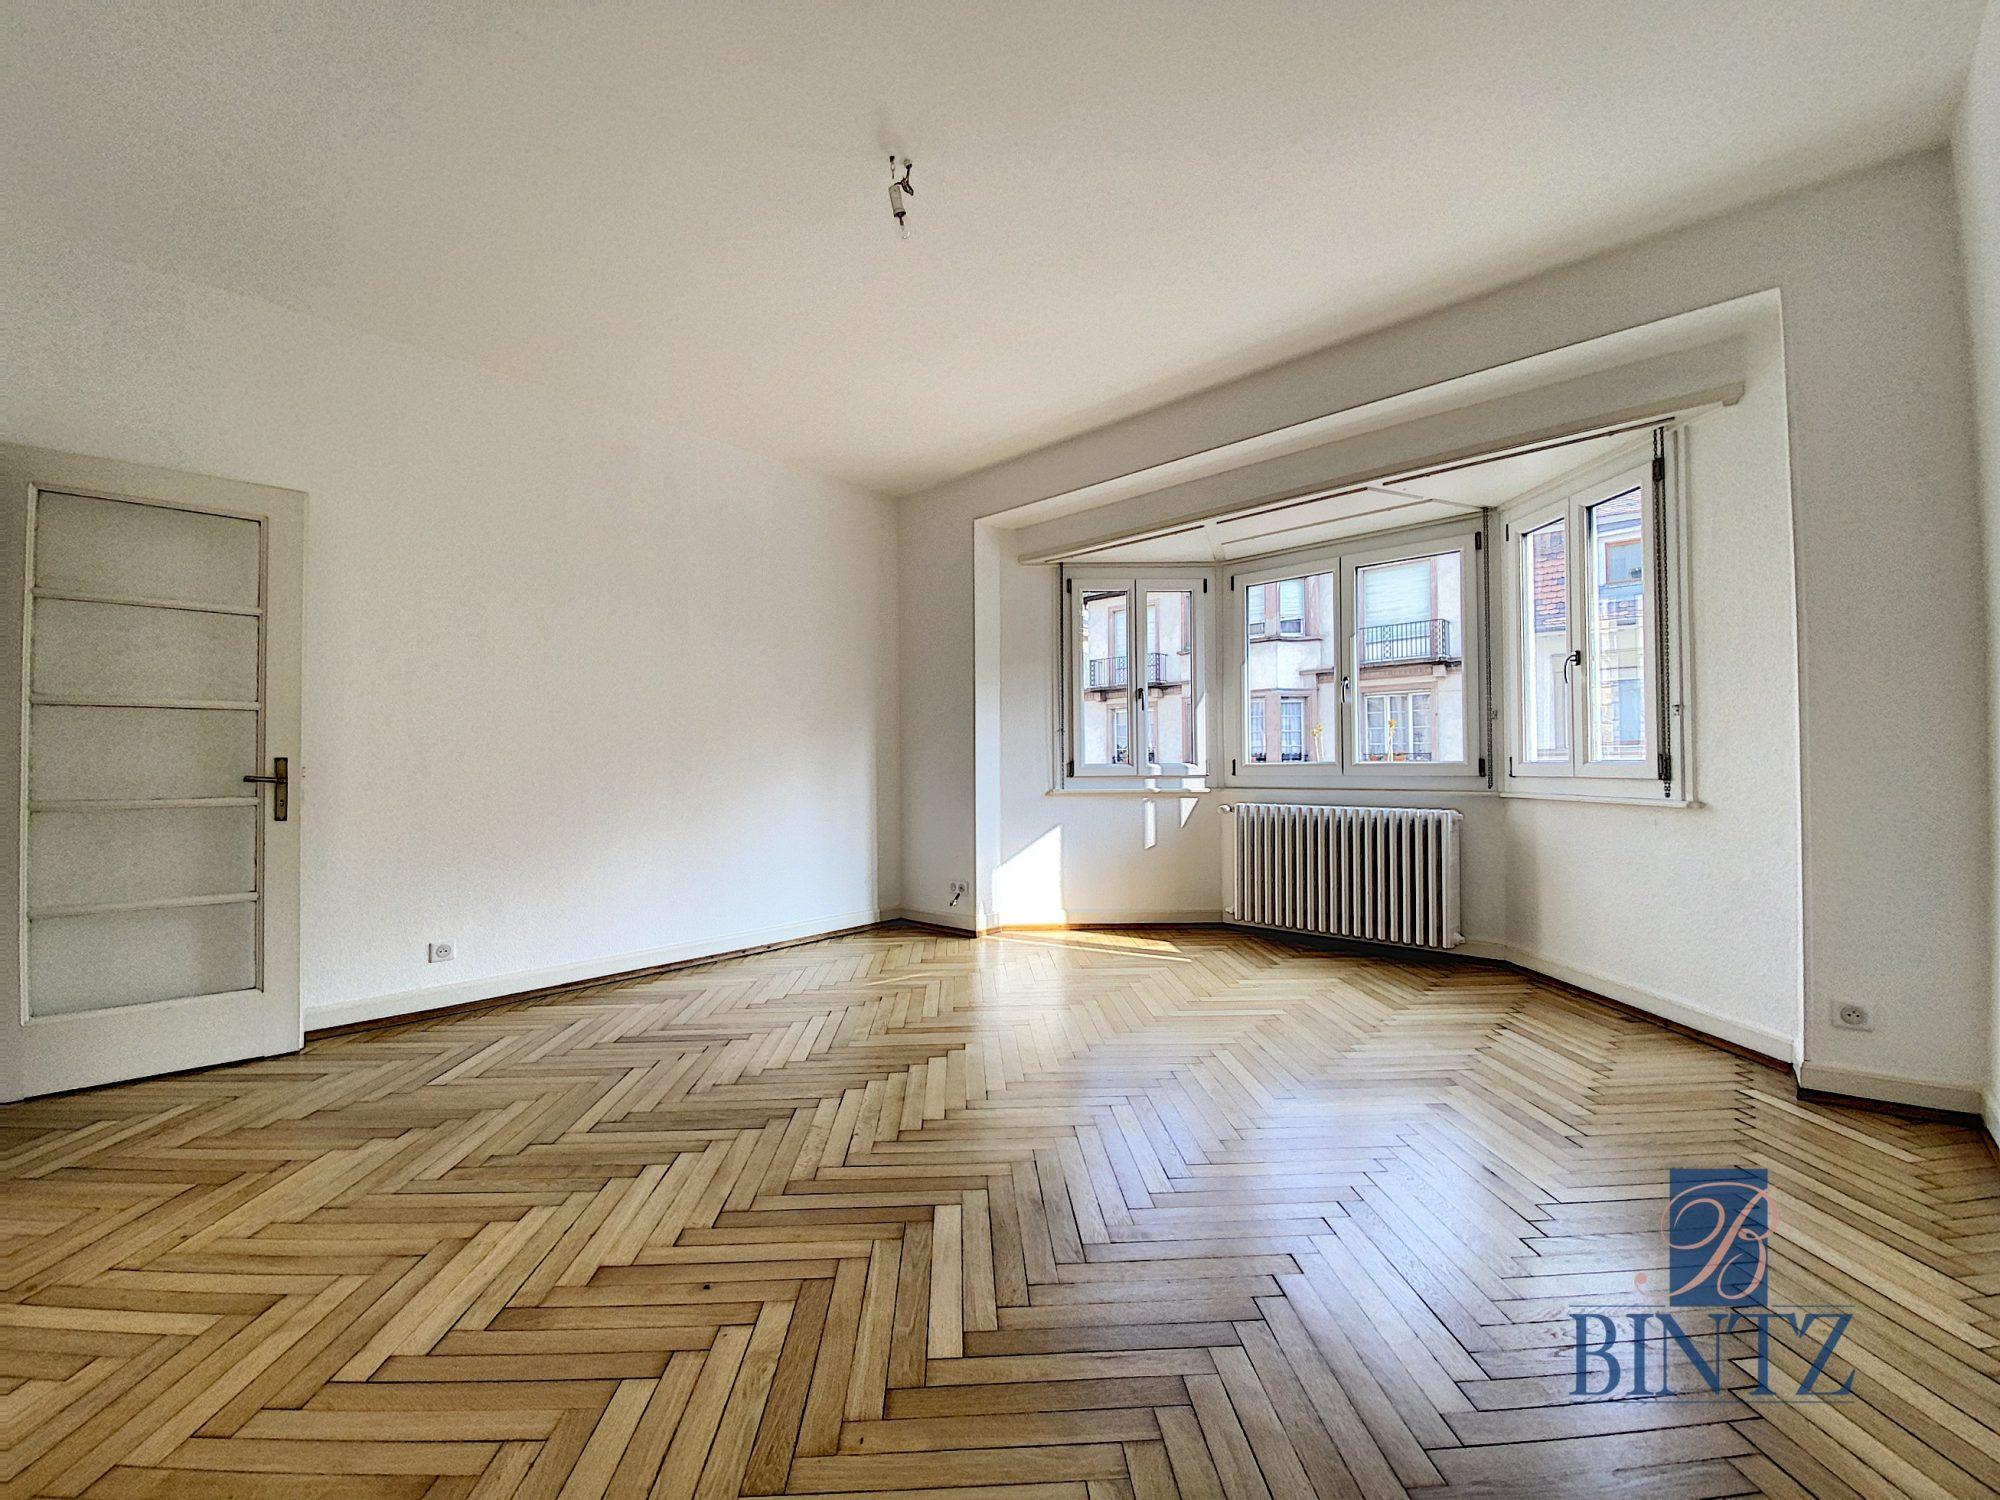 2 pièces orangerie avec balcon - Devenez locataire en toute sérénité - Bintz Immobilier - 9